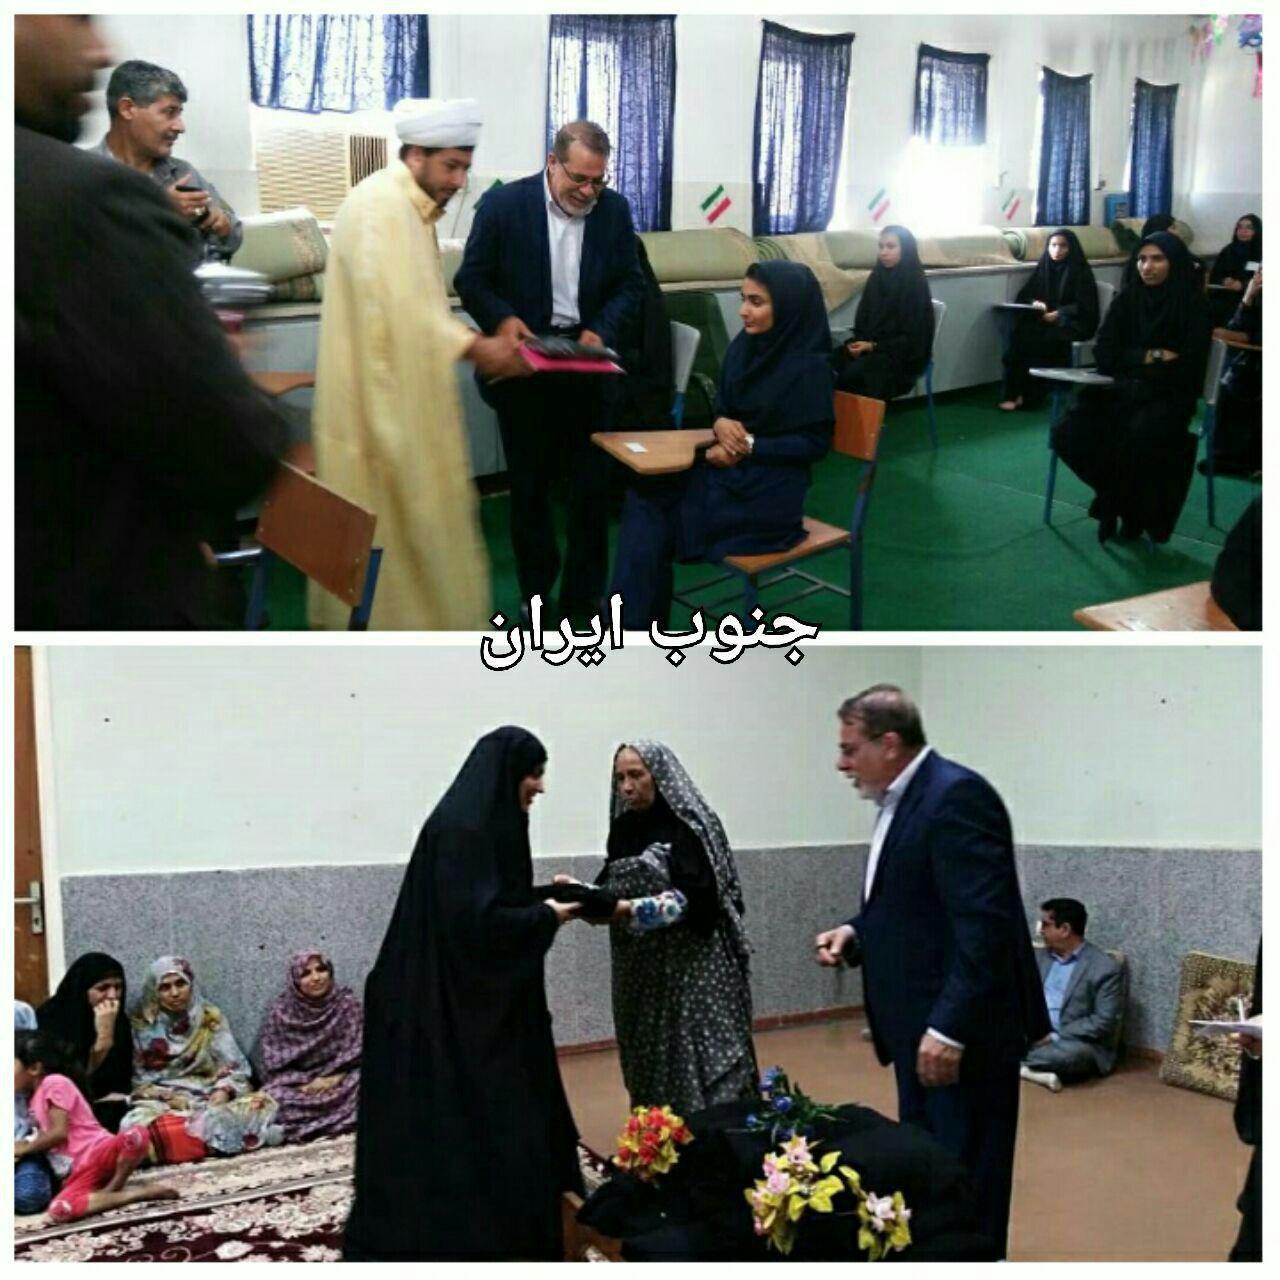 وزیر کشور برای اهالی جزیره ابوموسی هدیه فرستاد (عکس)